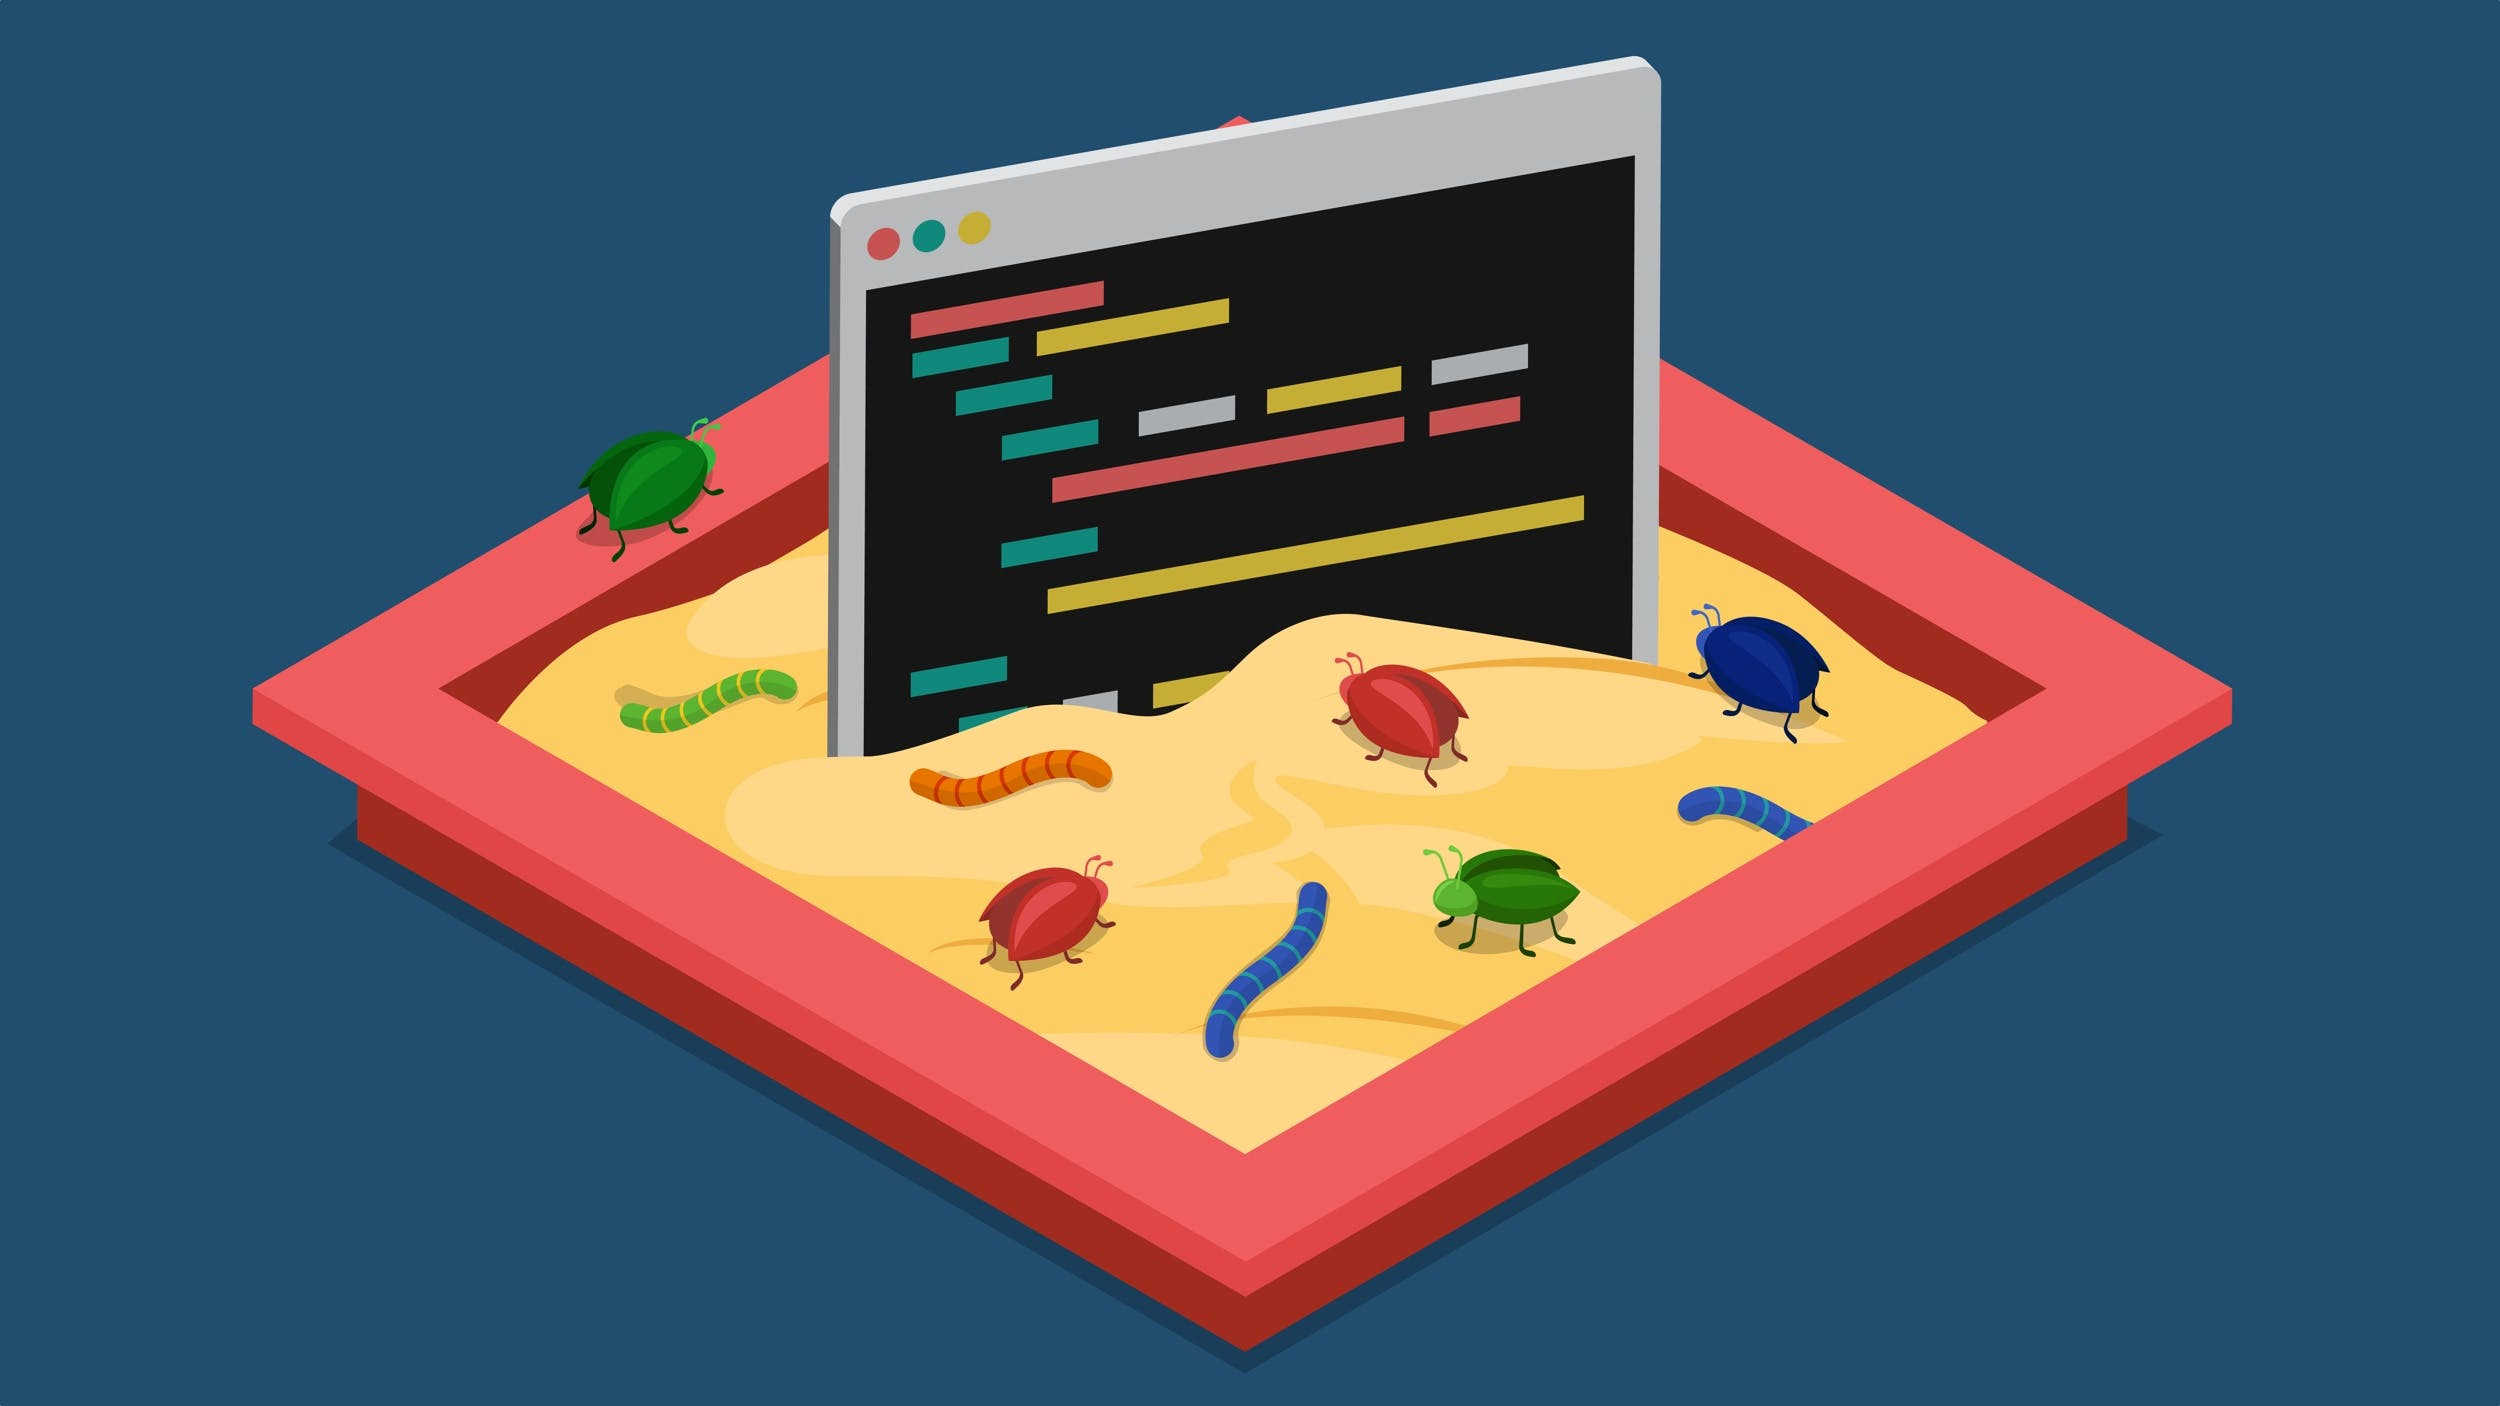 Nach Windows-Sandbox-Einführung: Sophos gibt Sandboxie frei